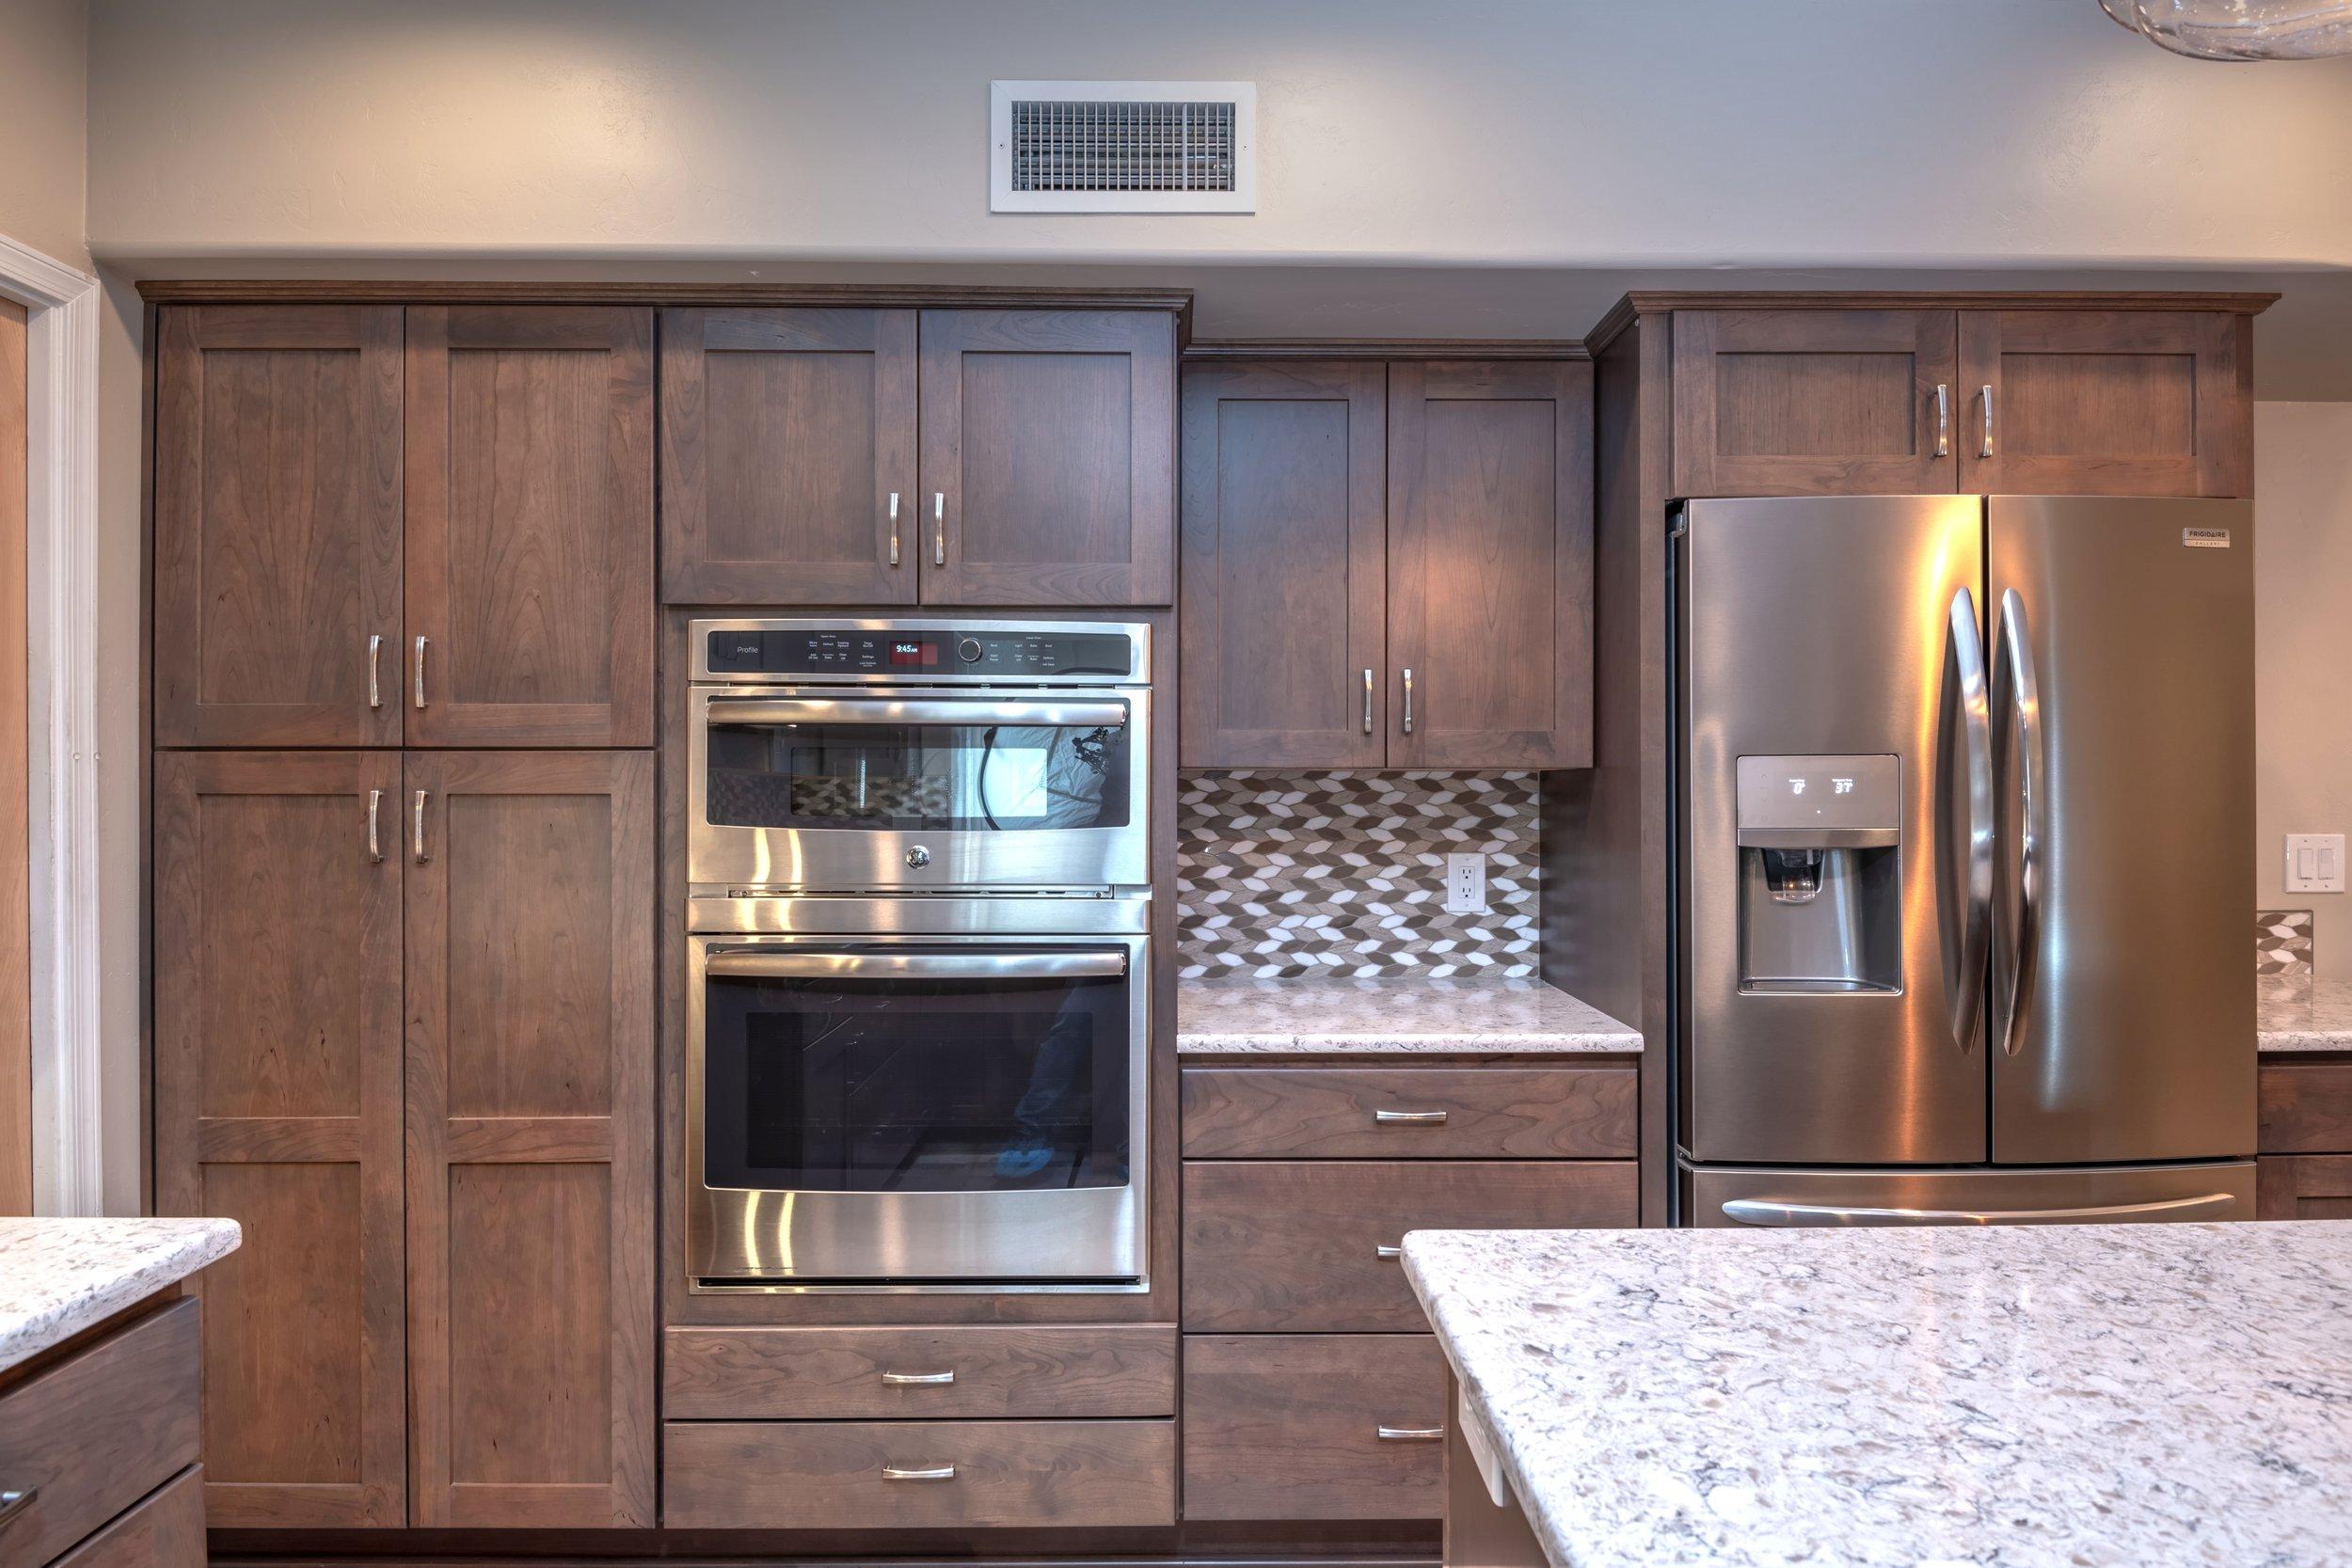 kitchen-concepts-feb-6.jpg